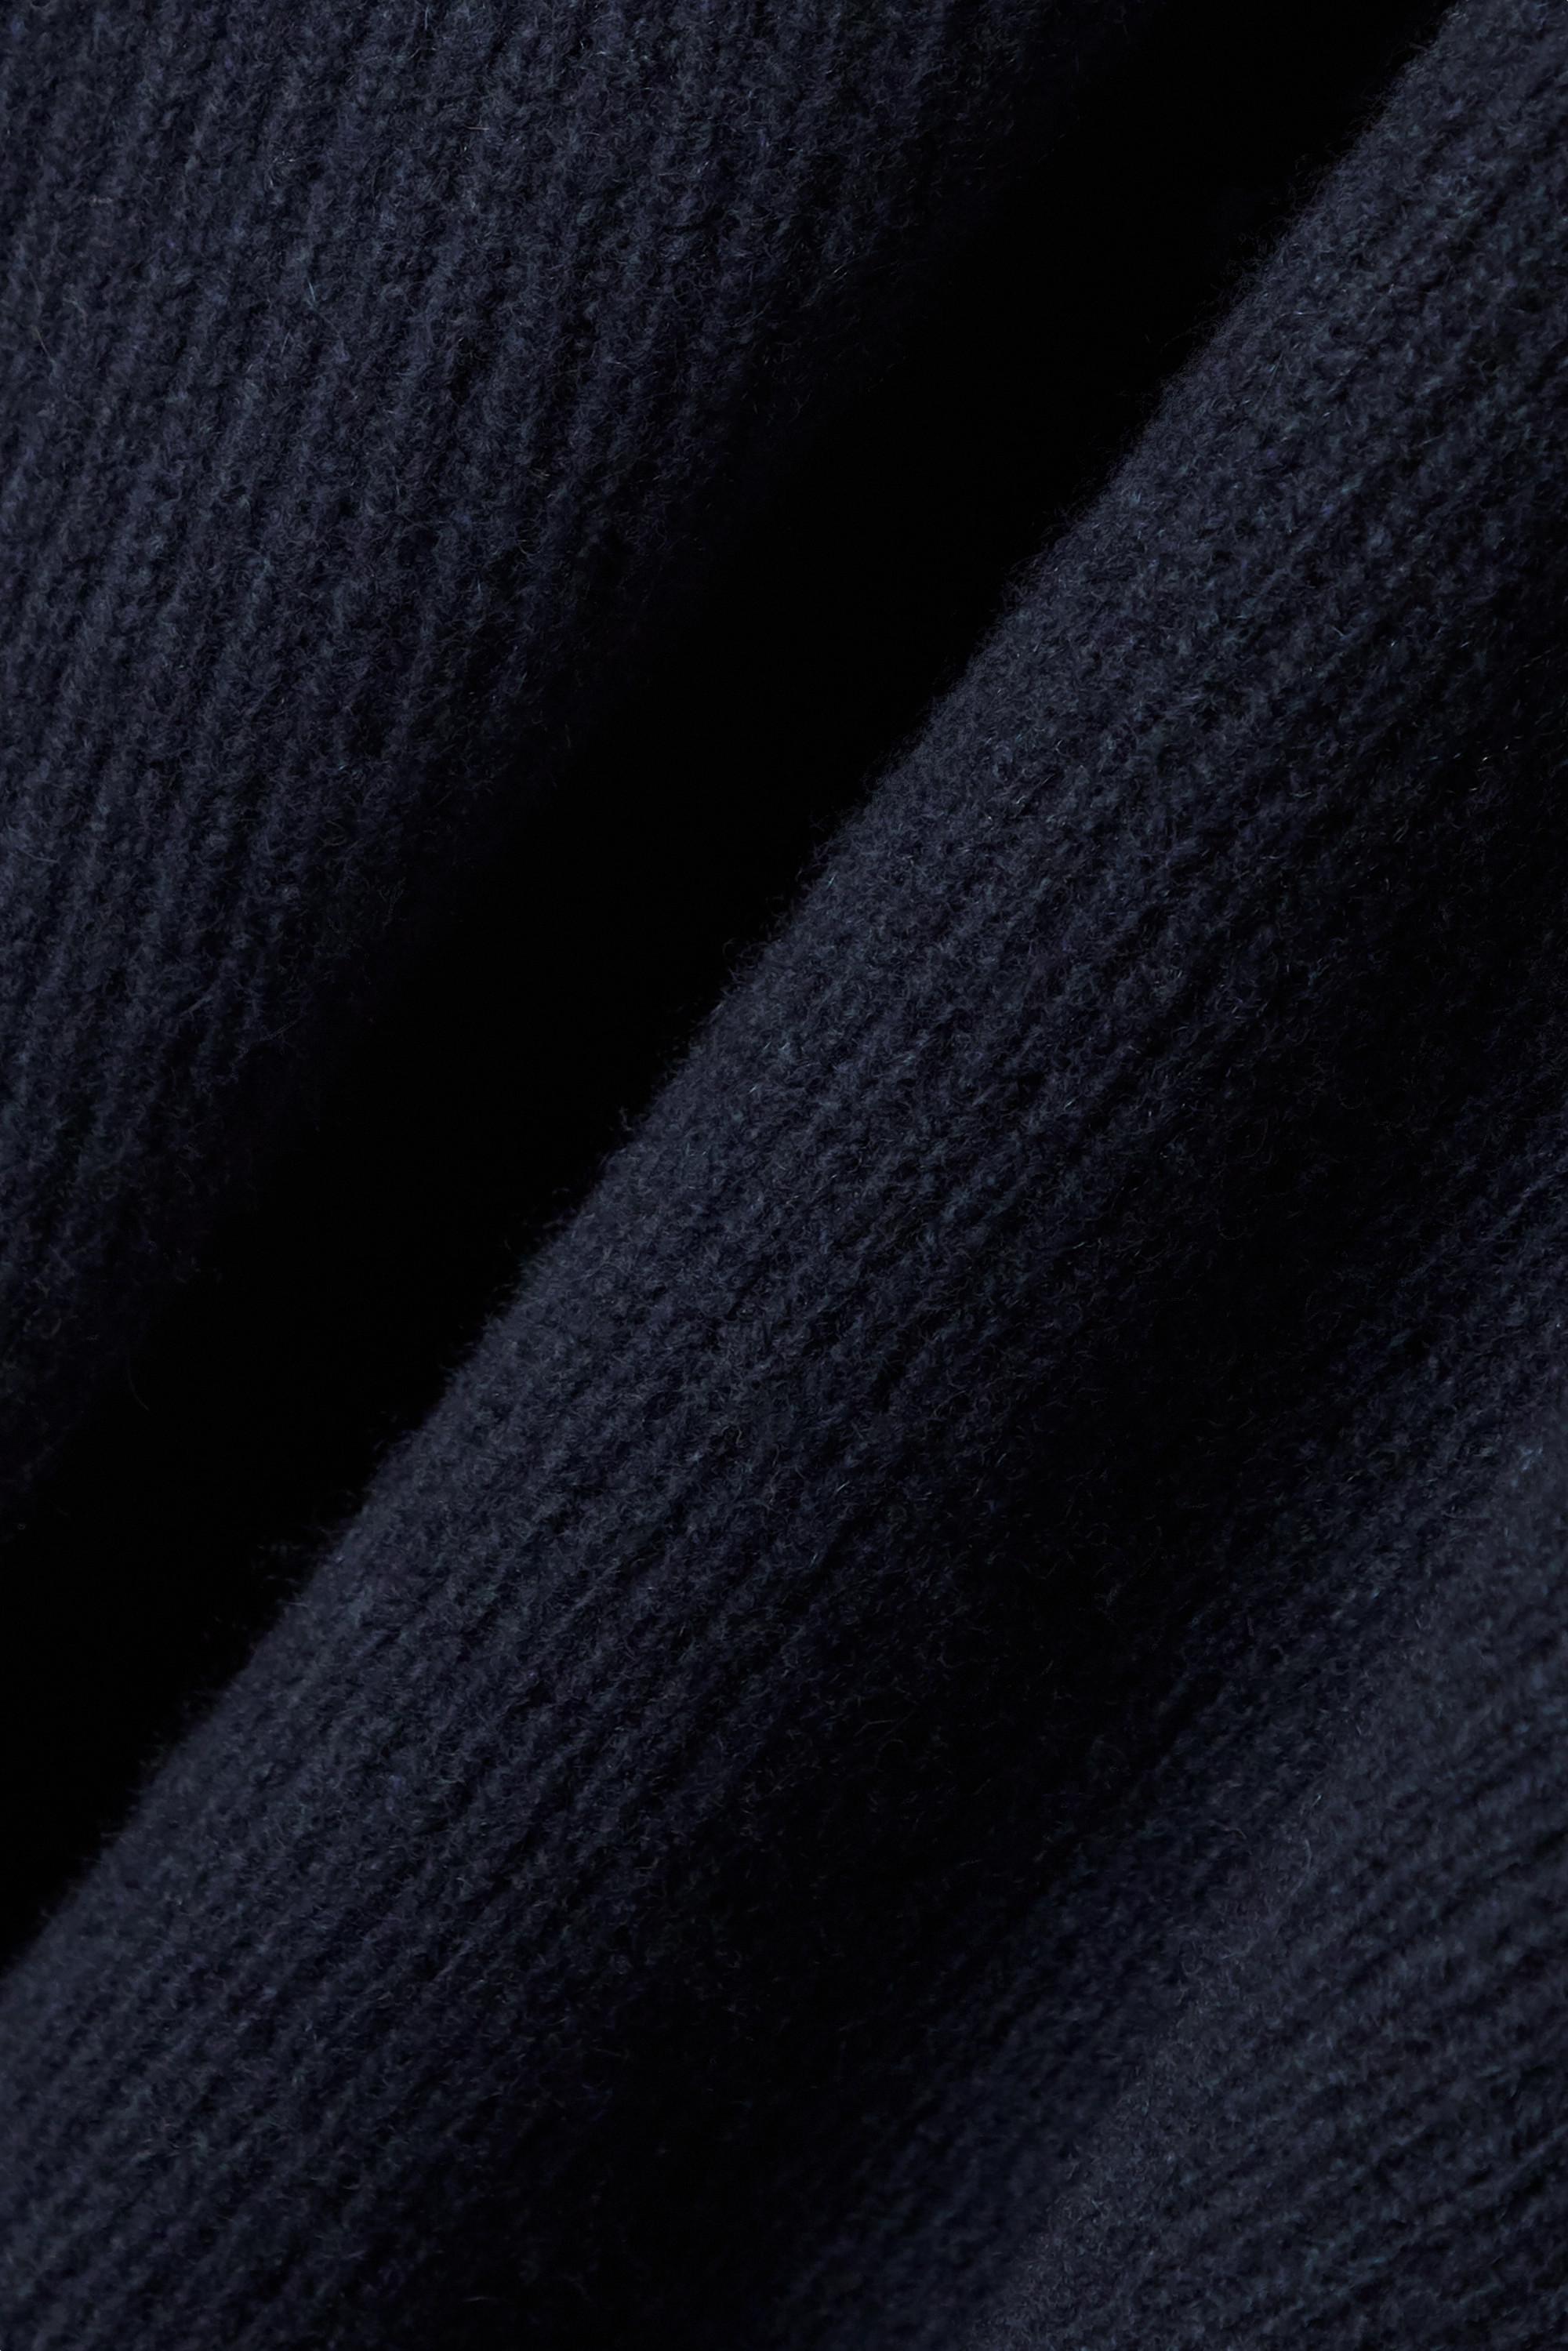 The Row Moa Midikleid aus einer gerippten Woll-Kaschmirmischung mit Stehkragen